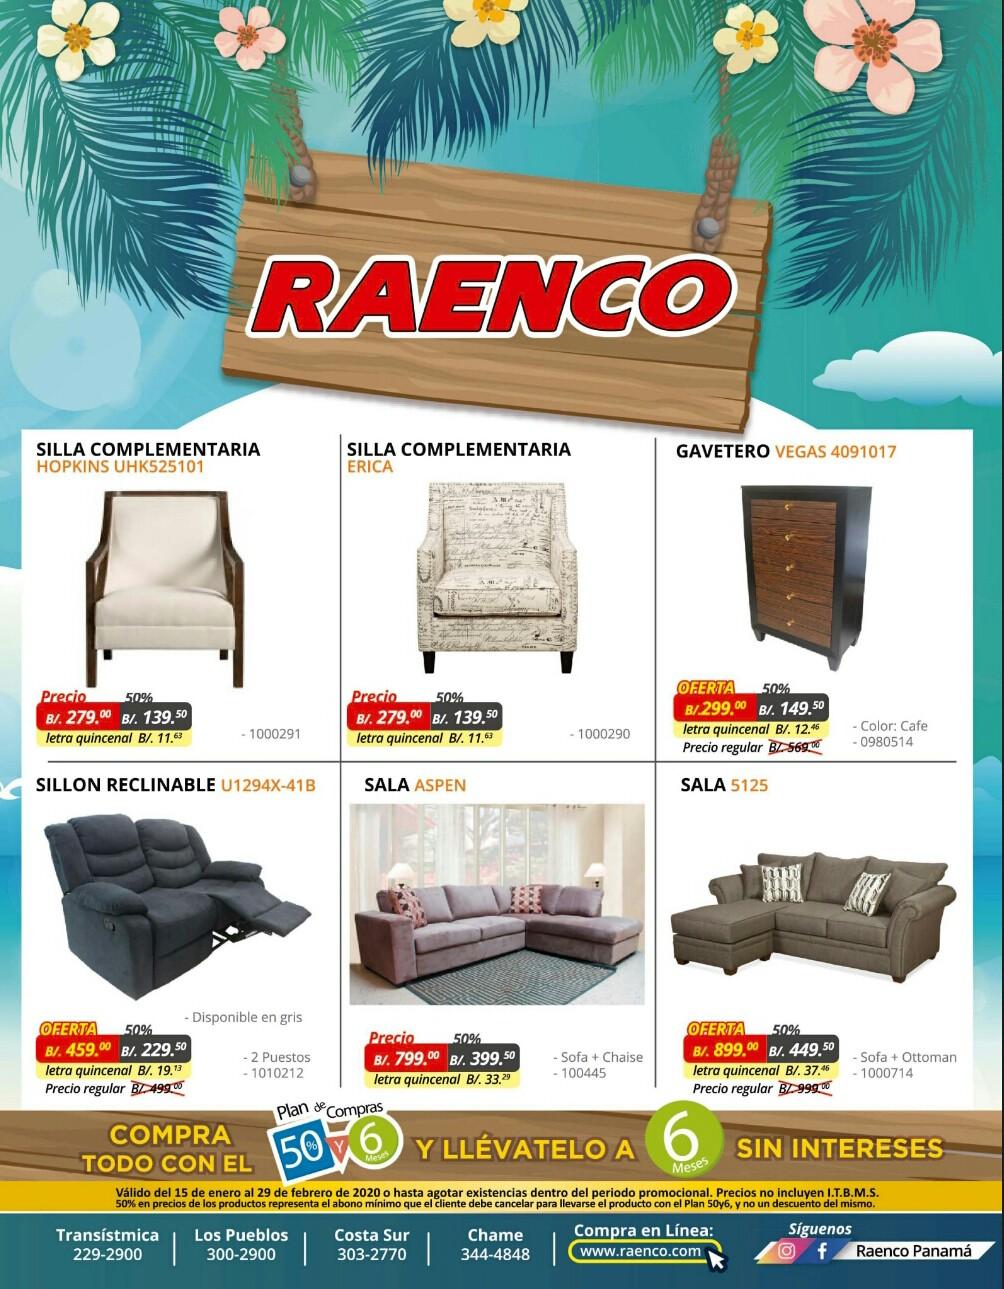 Catalogo Raenco Verano 2020 p14